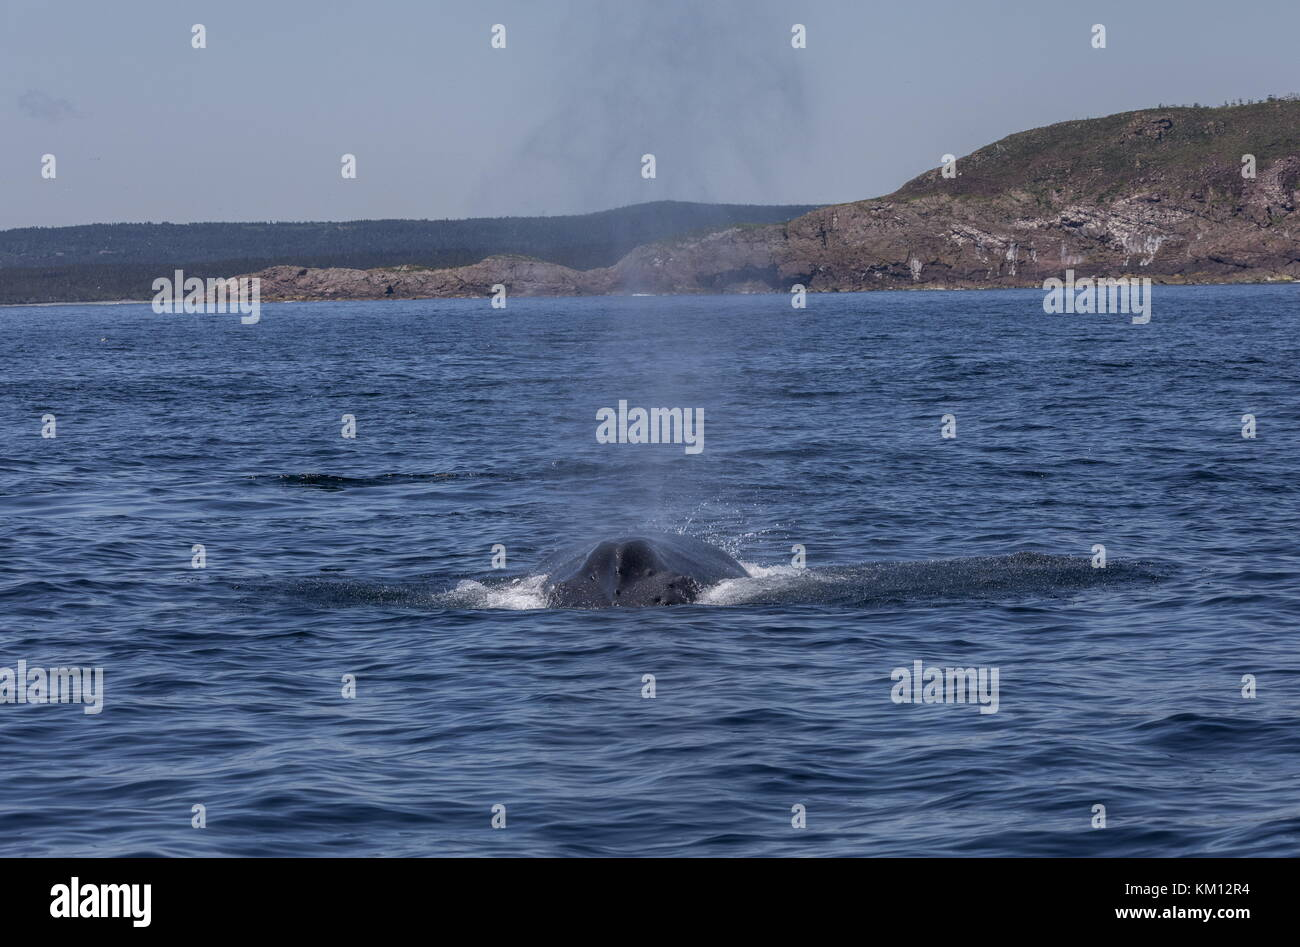 La ballena jorobada, Megaptera novaeangliae, revistiendo a respirar. Foto de stock